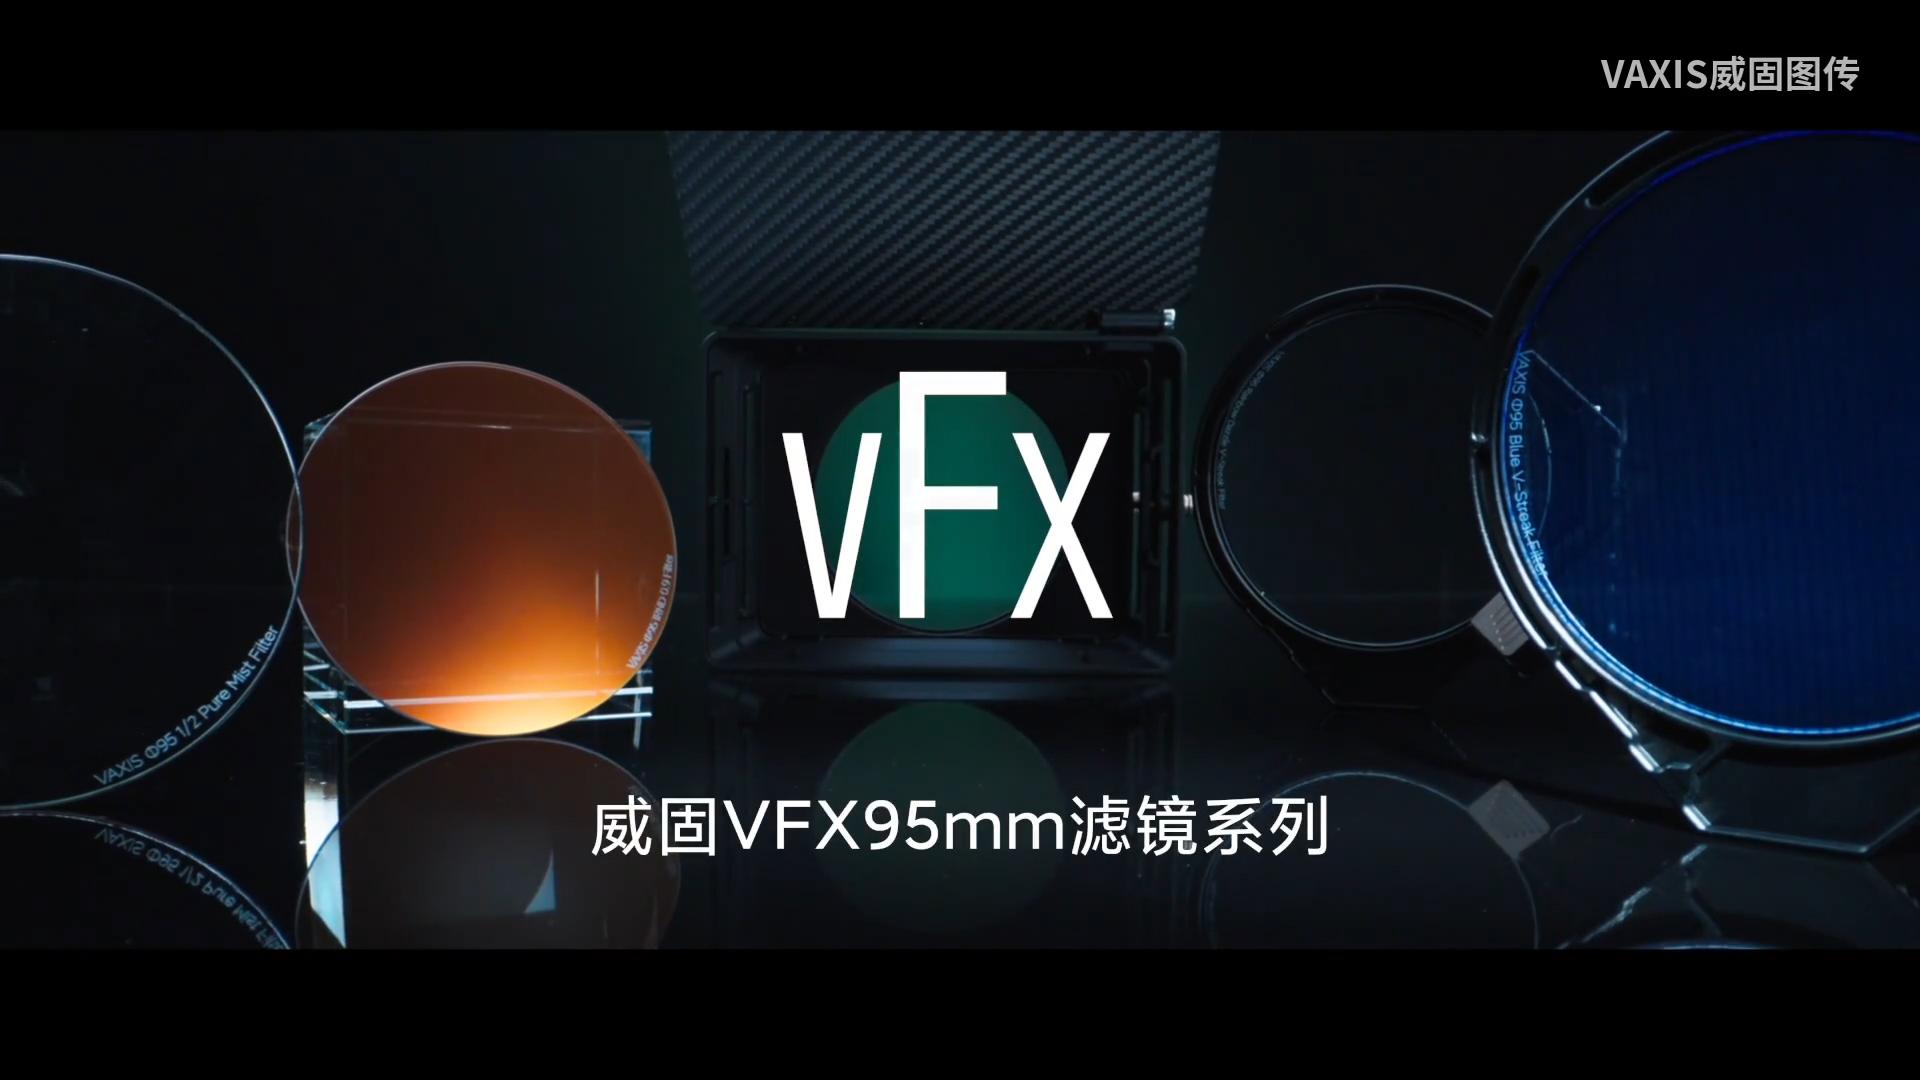 全新镜界—VAXIS威固 VFX 95mm滤镜系列